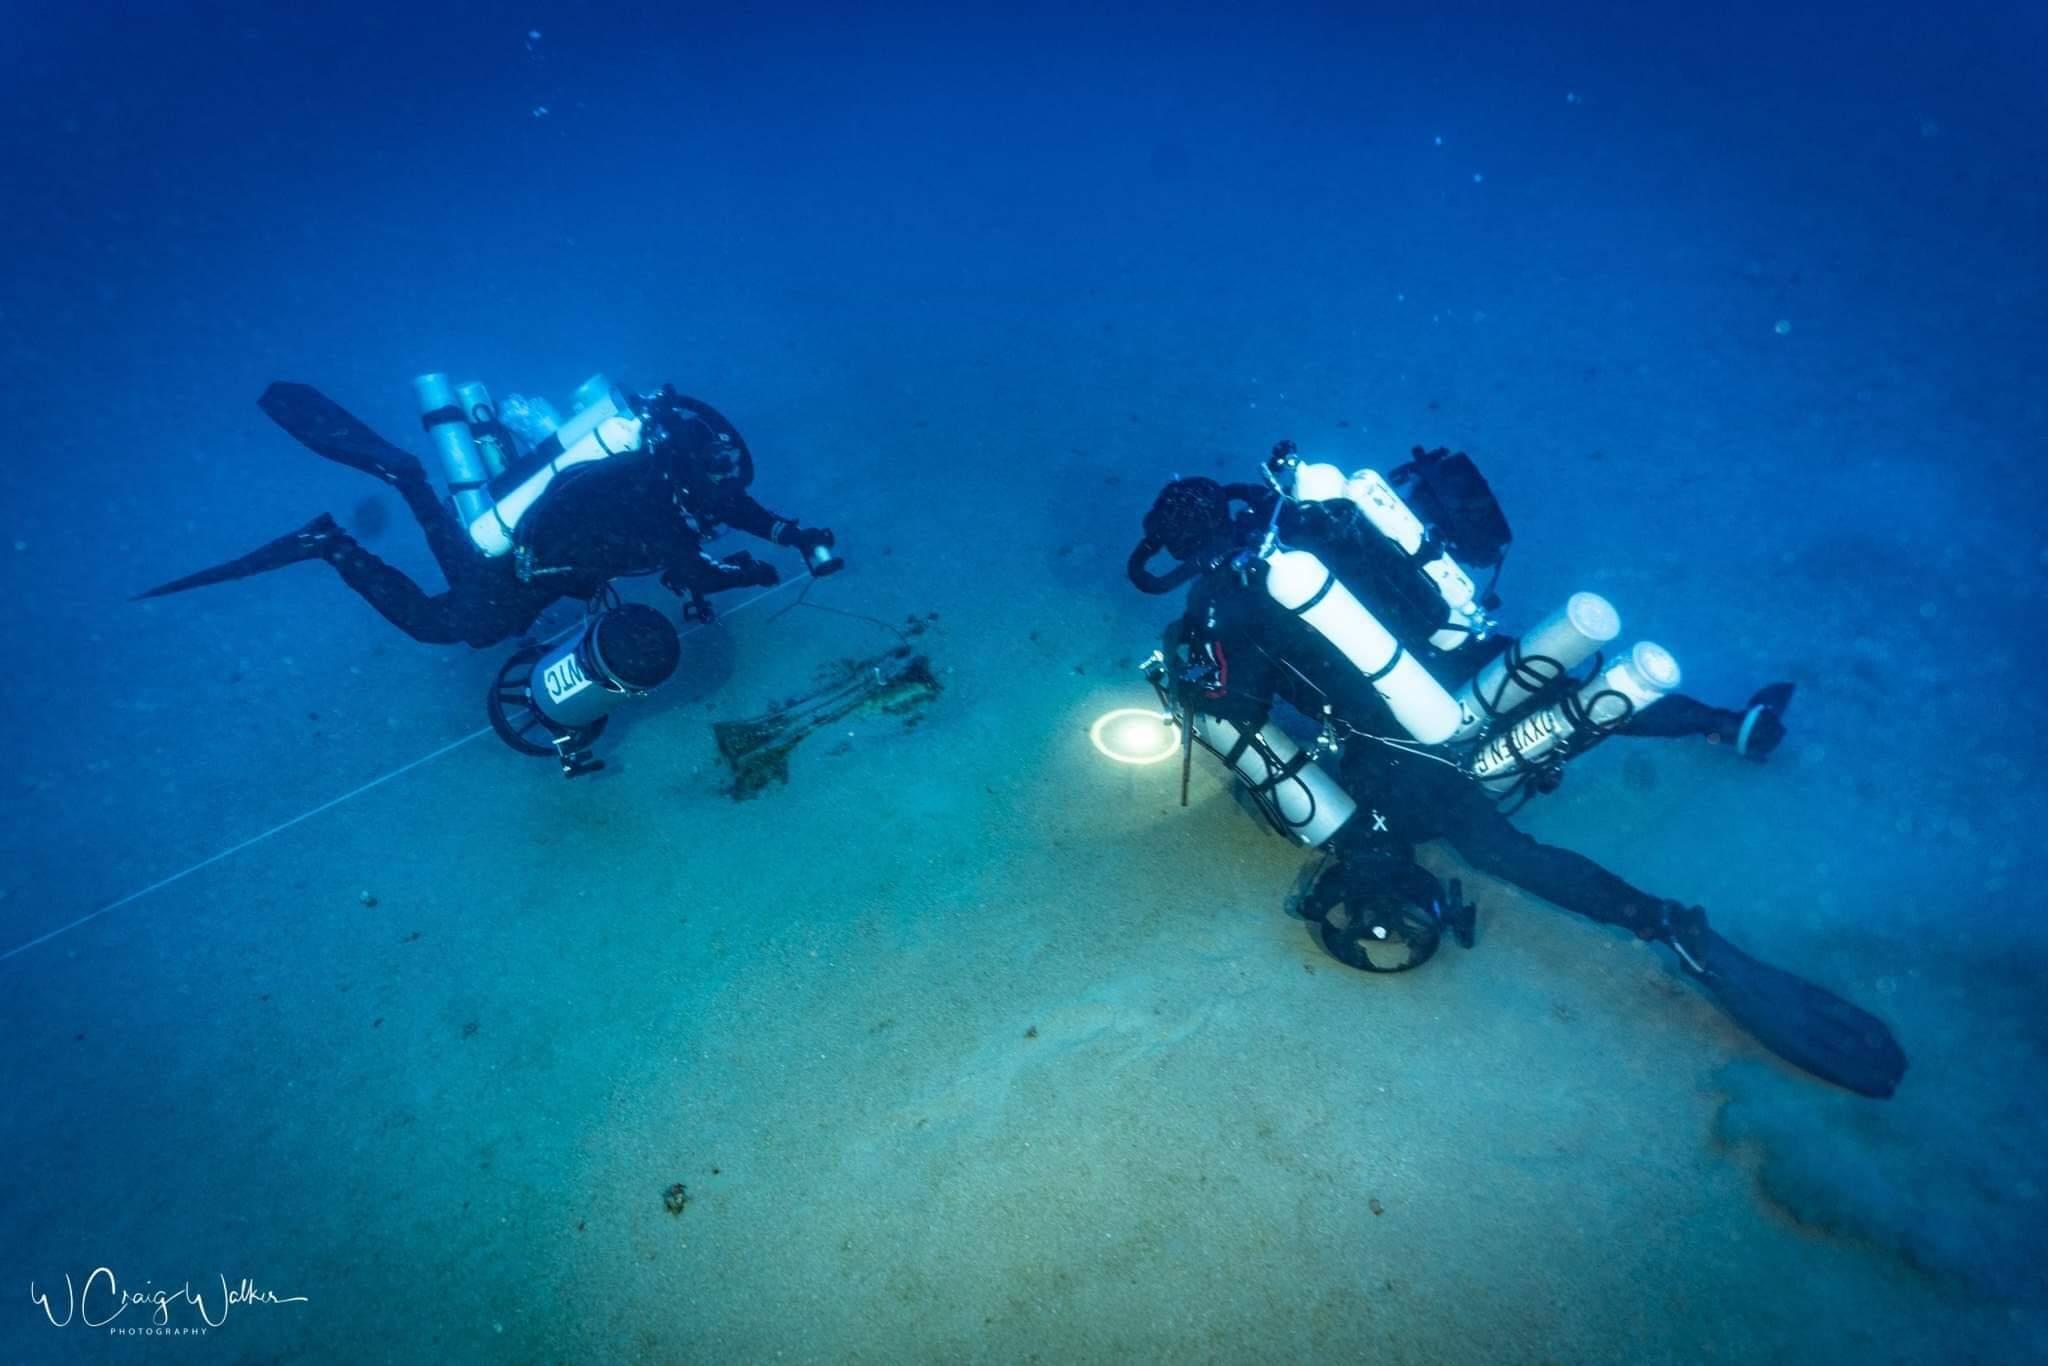 Beni culturali: il mare delle Egadi continua a restituire testimonianze straordinarie | Foto